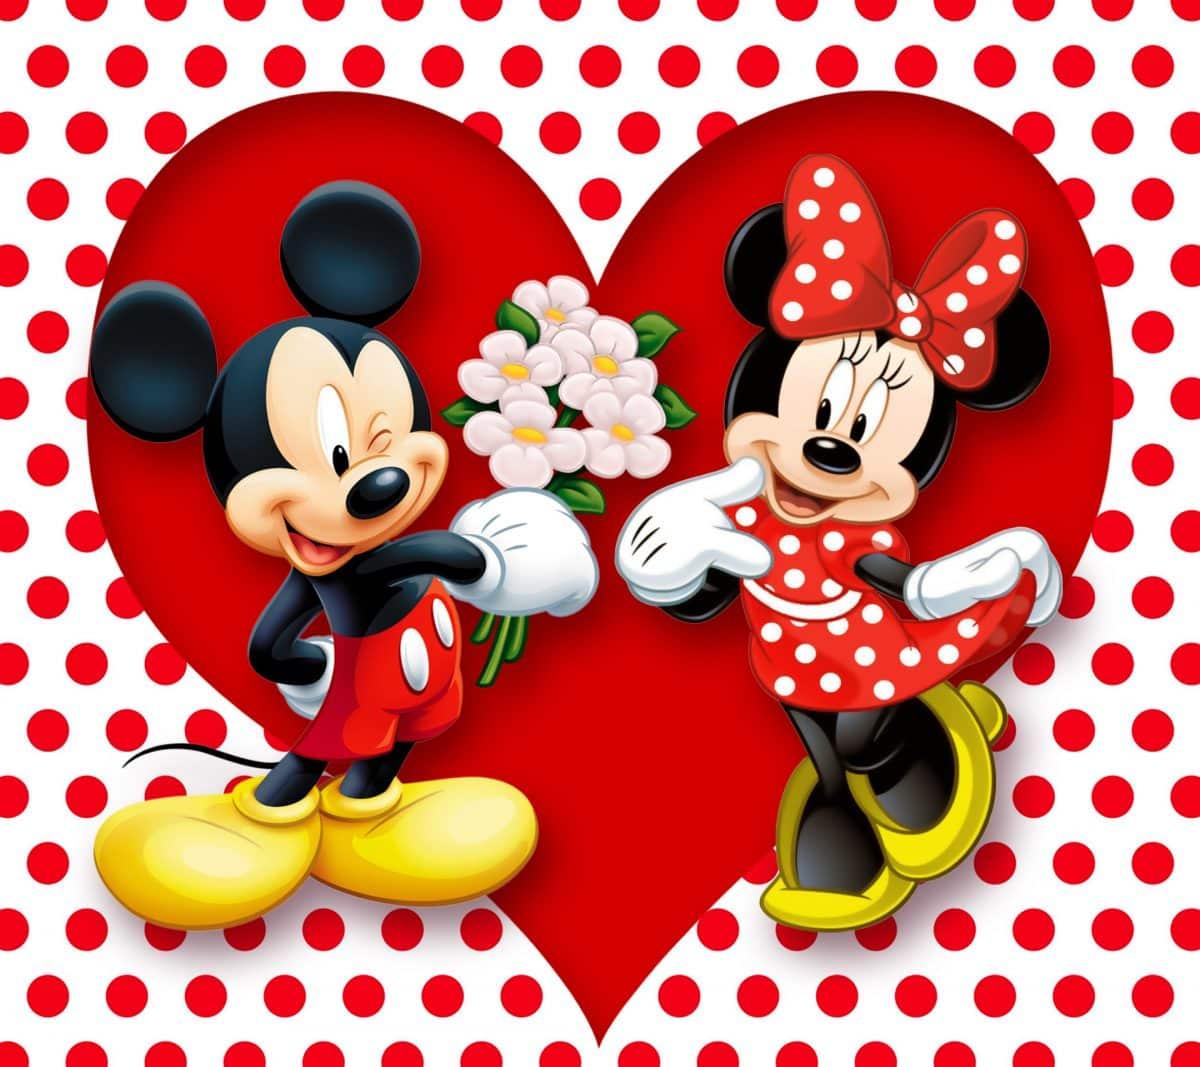 Imágen de amor de Minnie y Mickey que le está regalando un ramo de flores